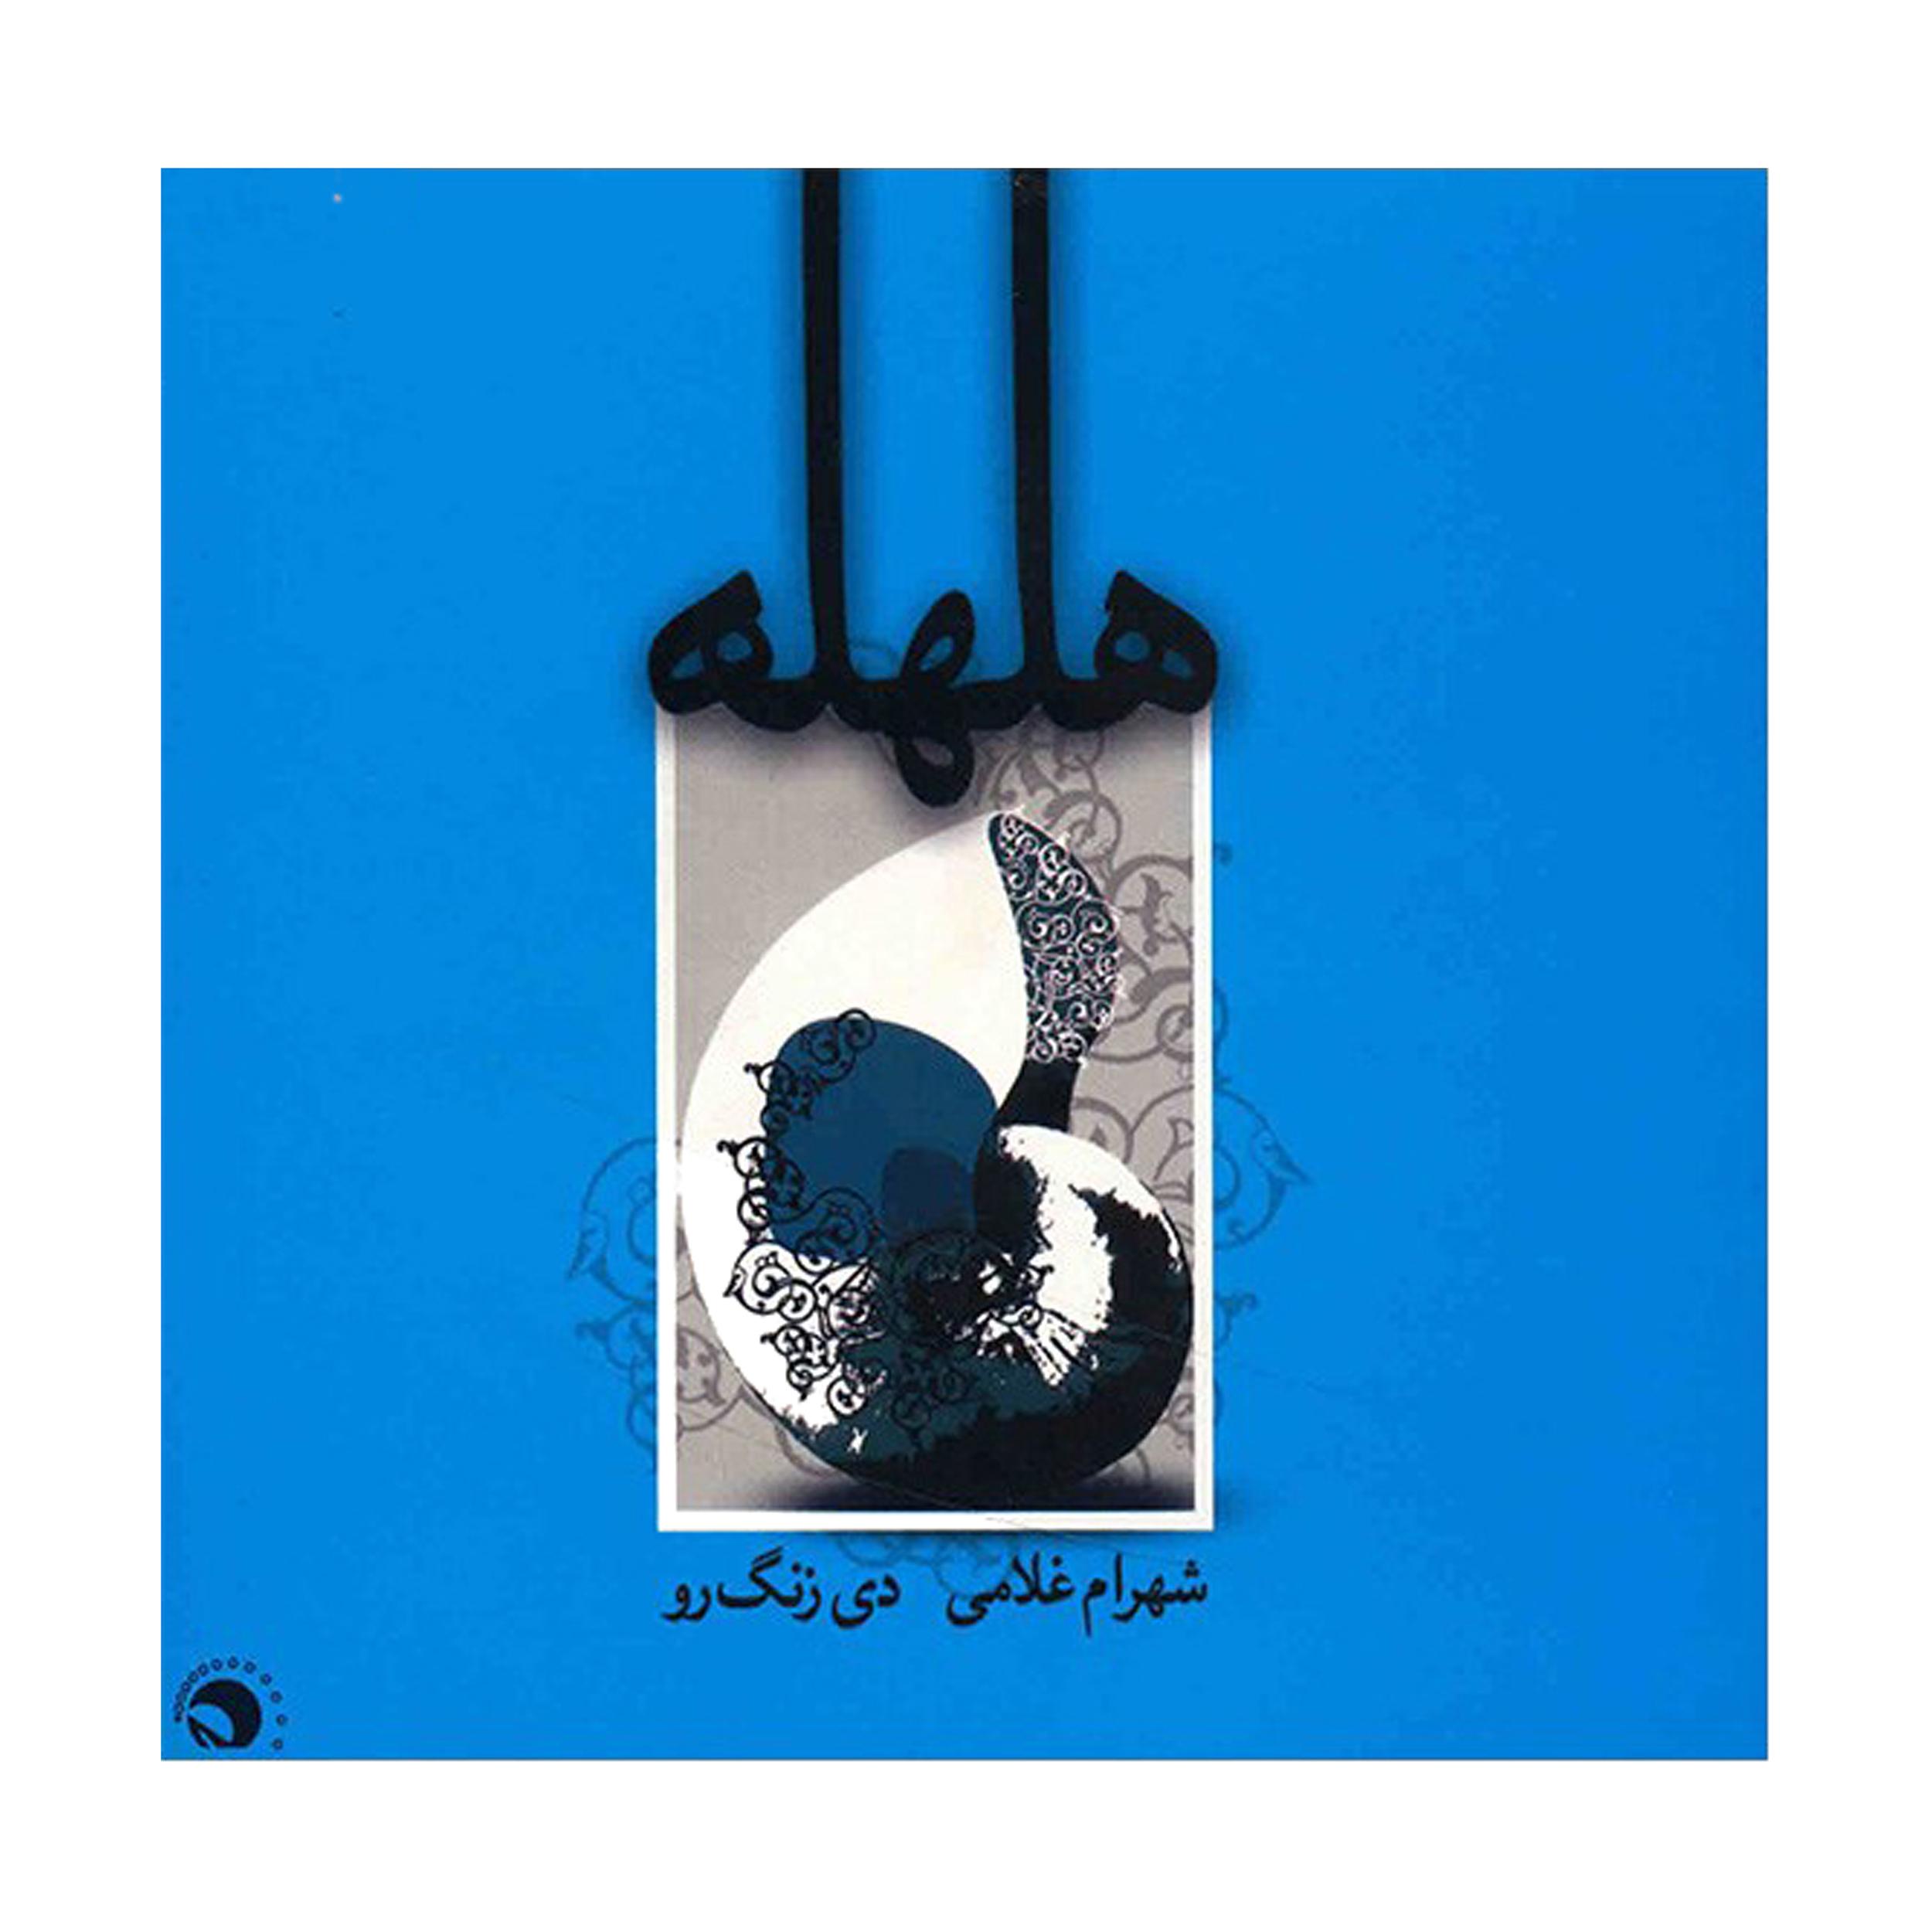 آلبوم موسیقی هلهله - شهرام غلامی